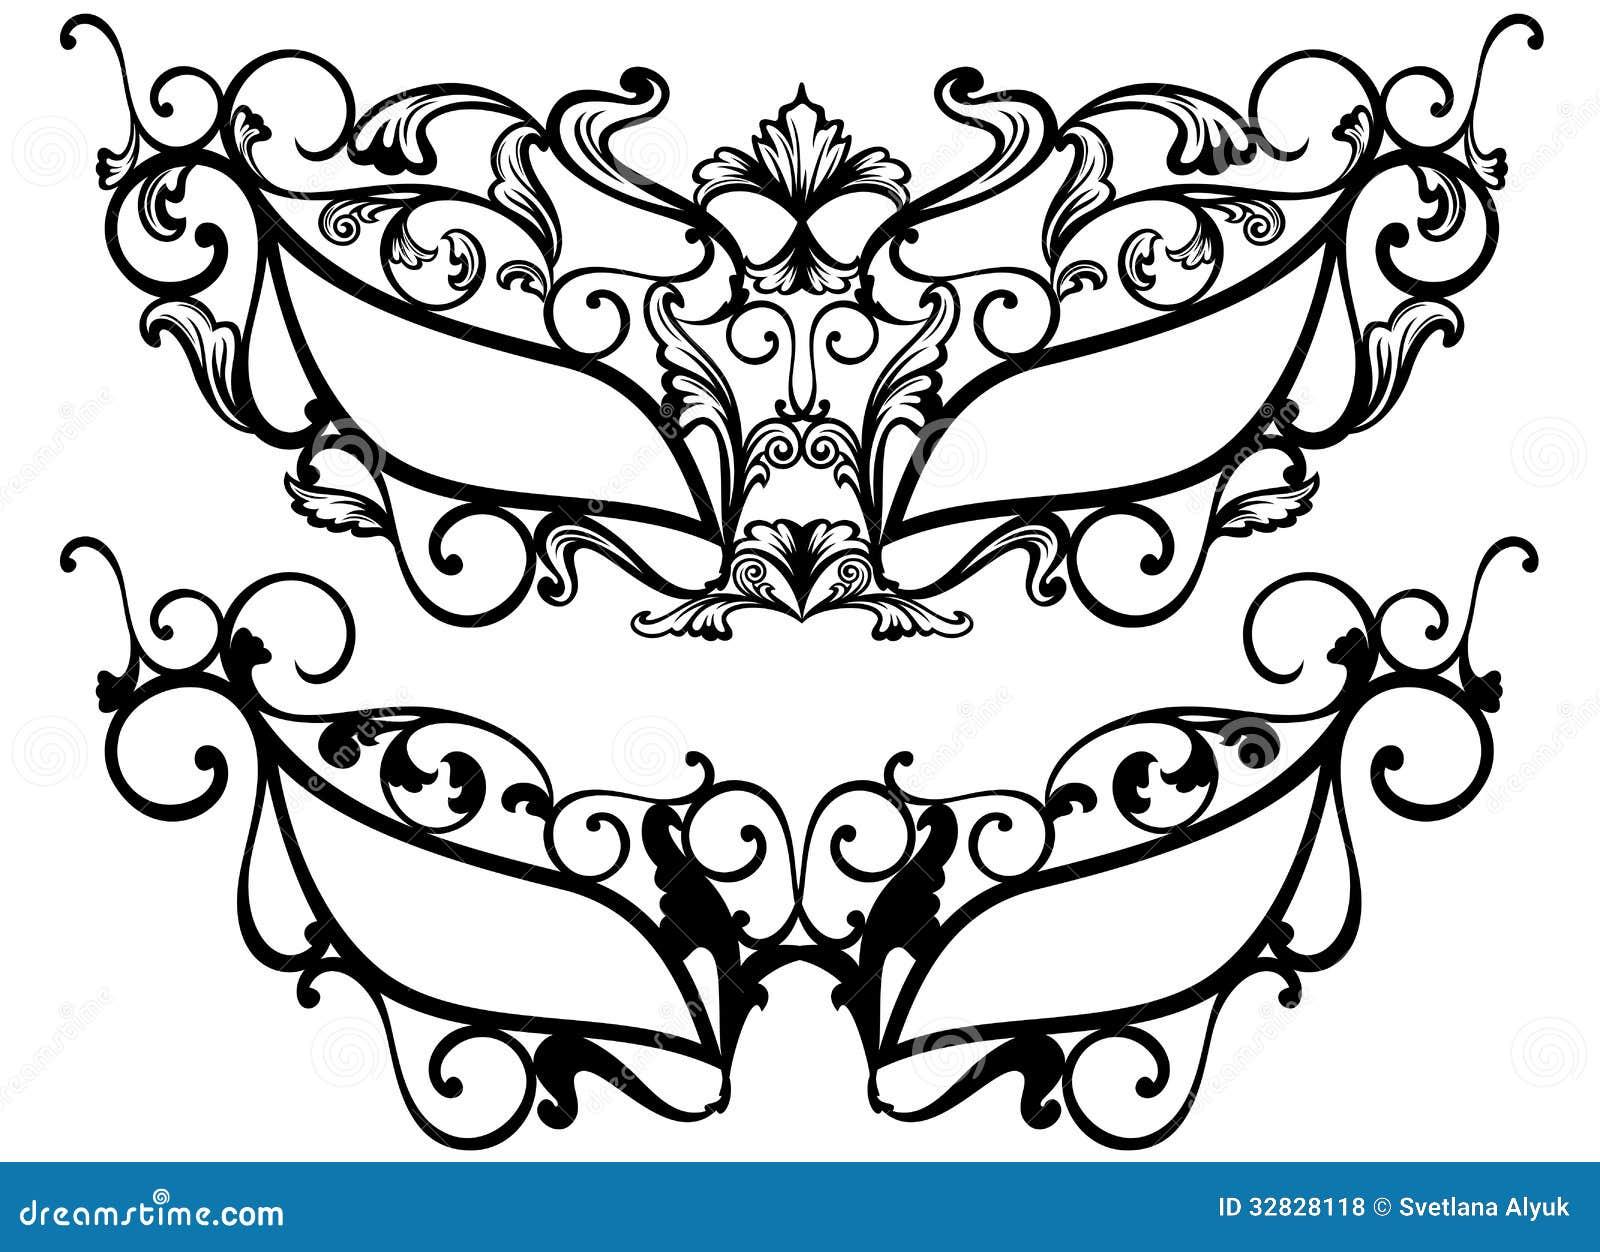 Masquerade Masks Vector Illustration 32828118